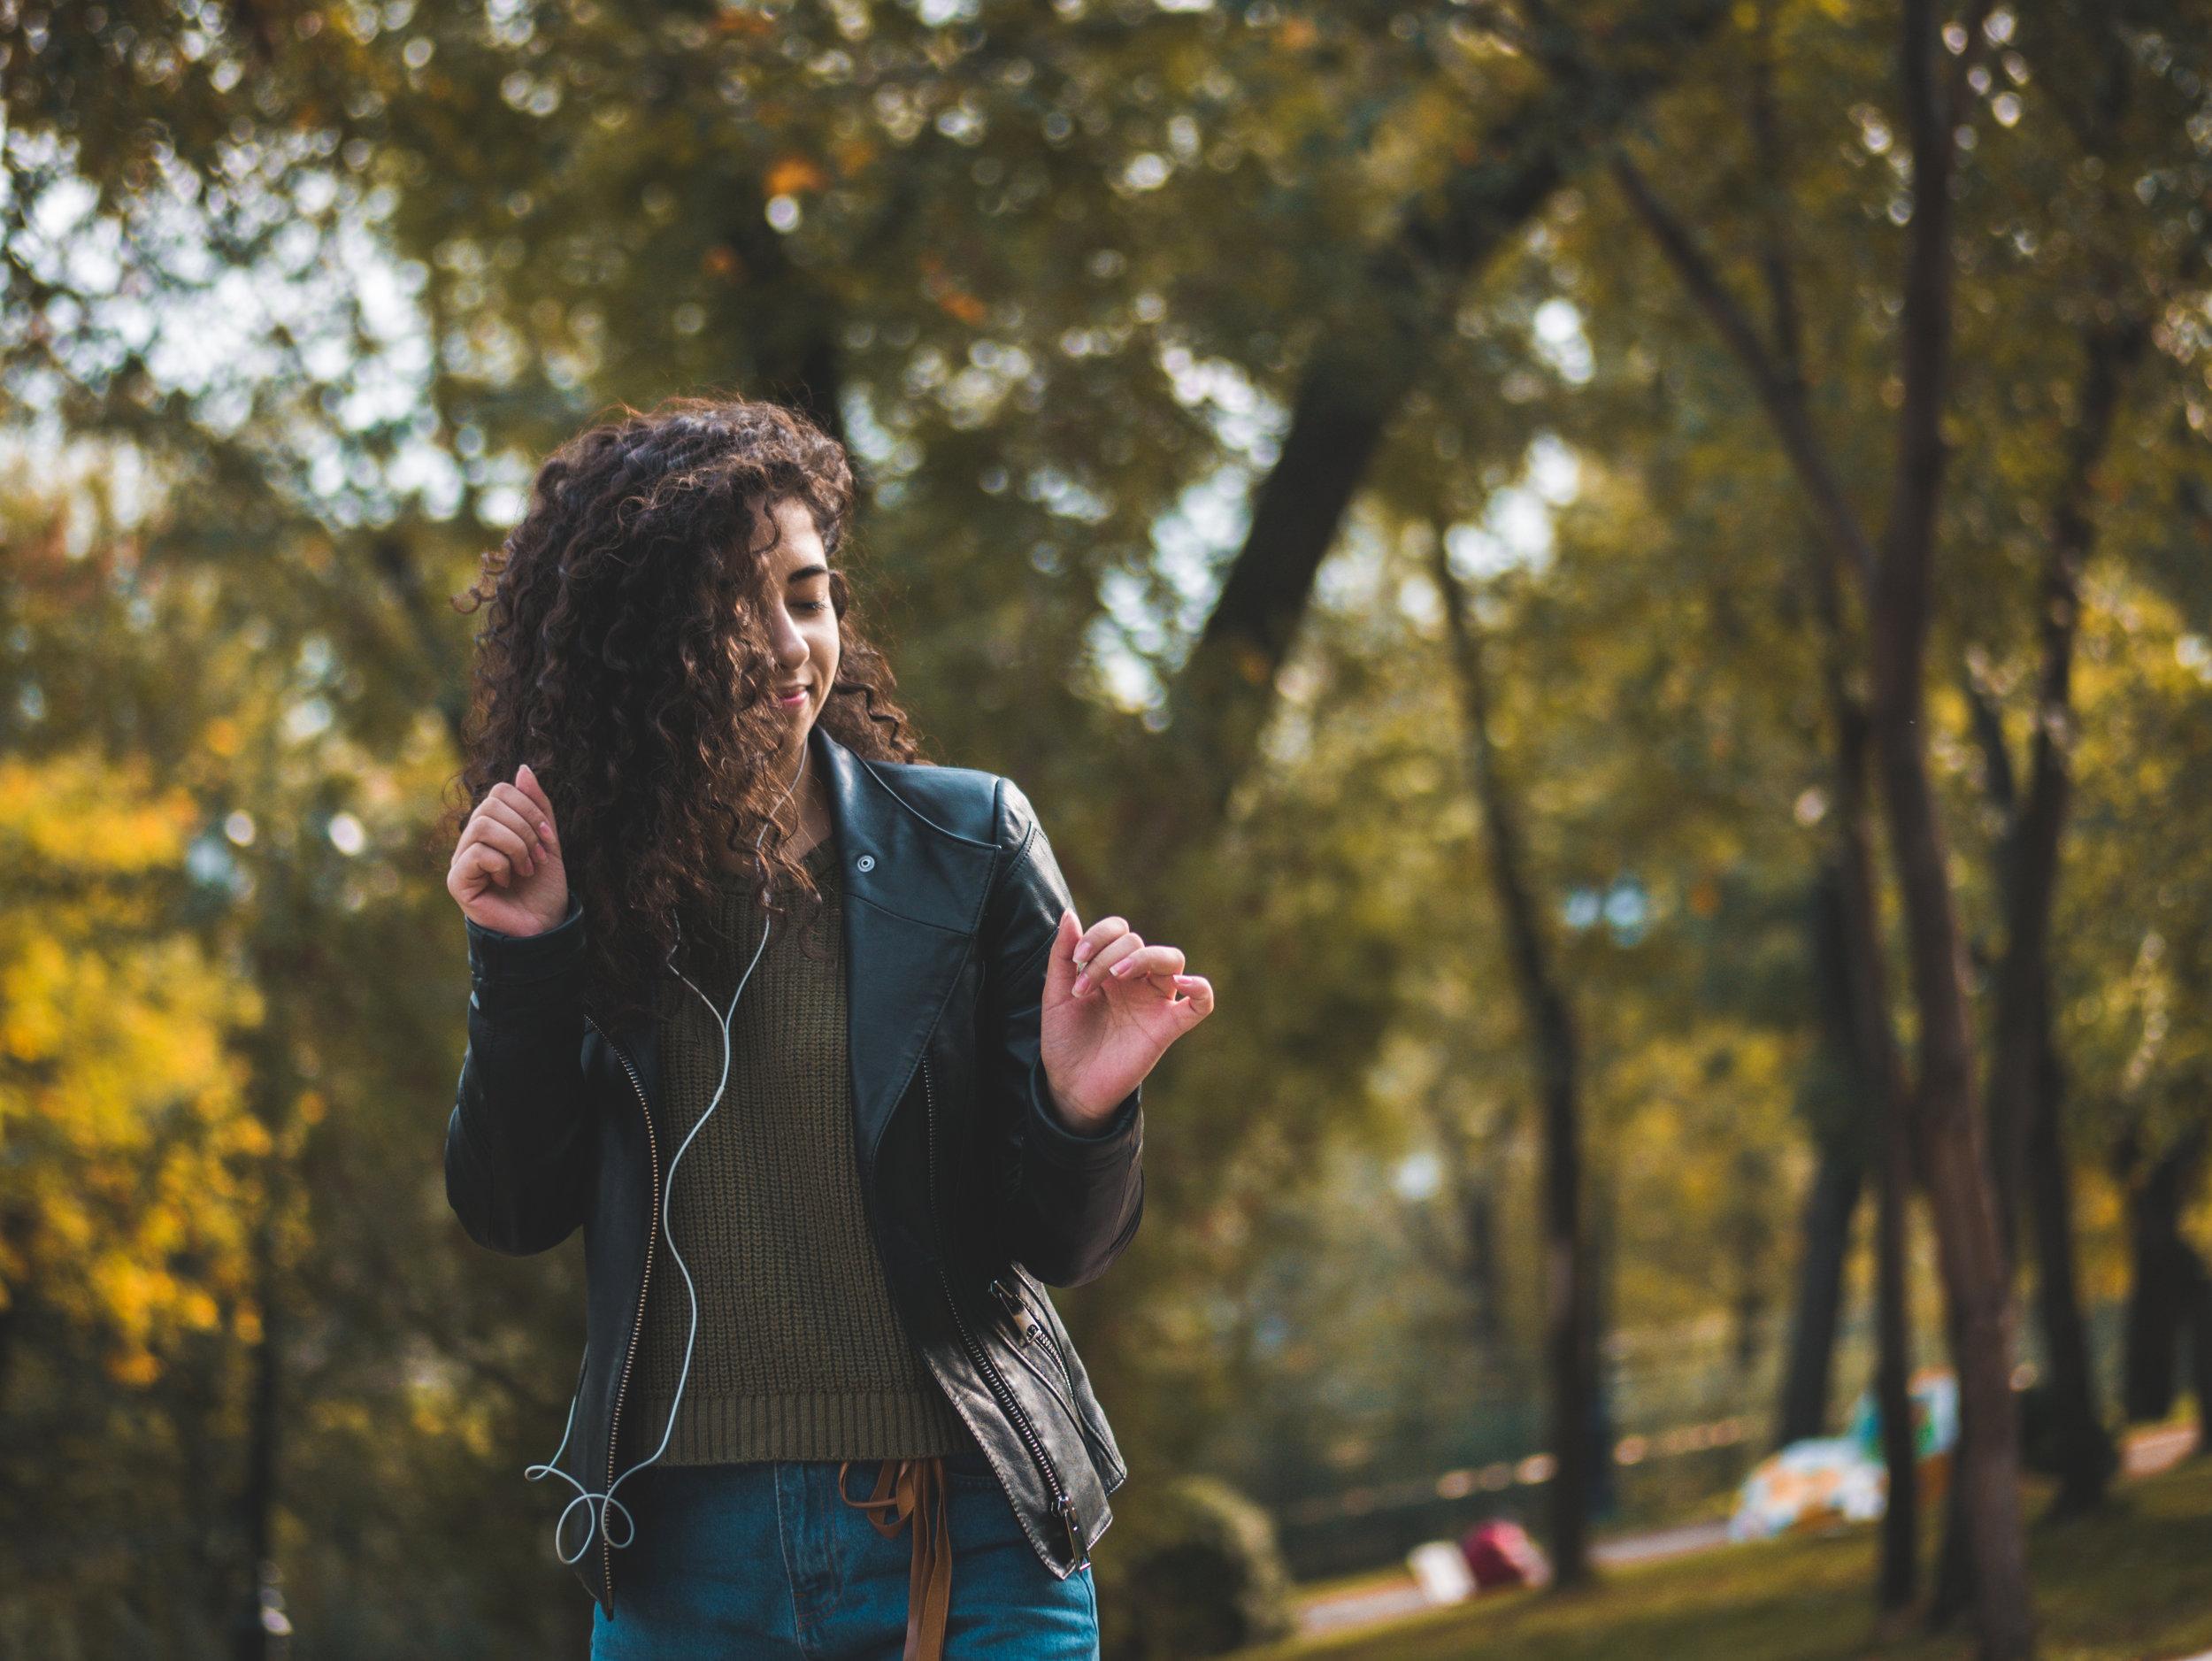 WAS?! - Unser Gehör verändert sich. Finde jetzt heraus, wie gut Du hörst. Der Hörtest dauert 6 Minuten, kann am Computer, Smartphone oder Tablet durchgeführt werden und eine Anmeldung ist nicht erforderlich.